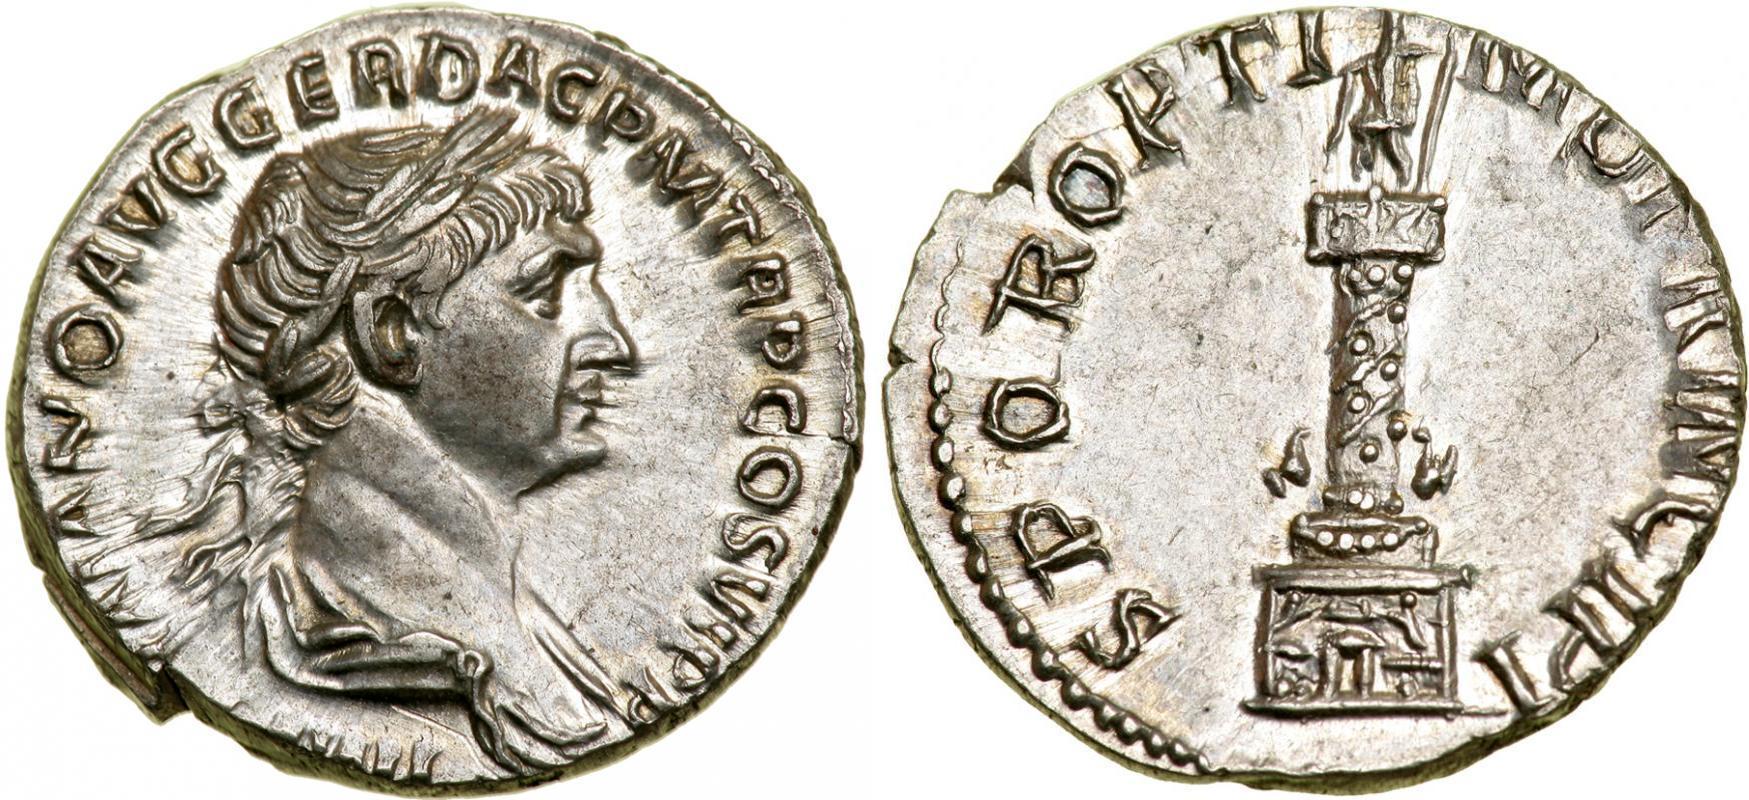 1 denarius 112 114 roman empire 27bc 395 silver trajan - Coin de finition plinthe ...